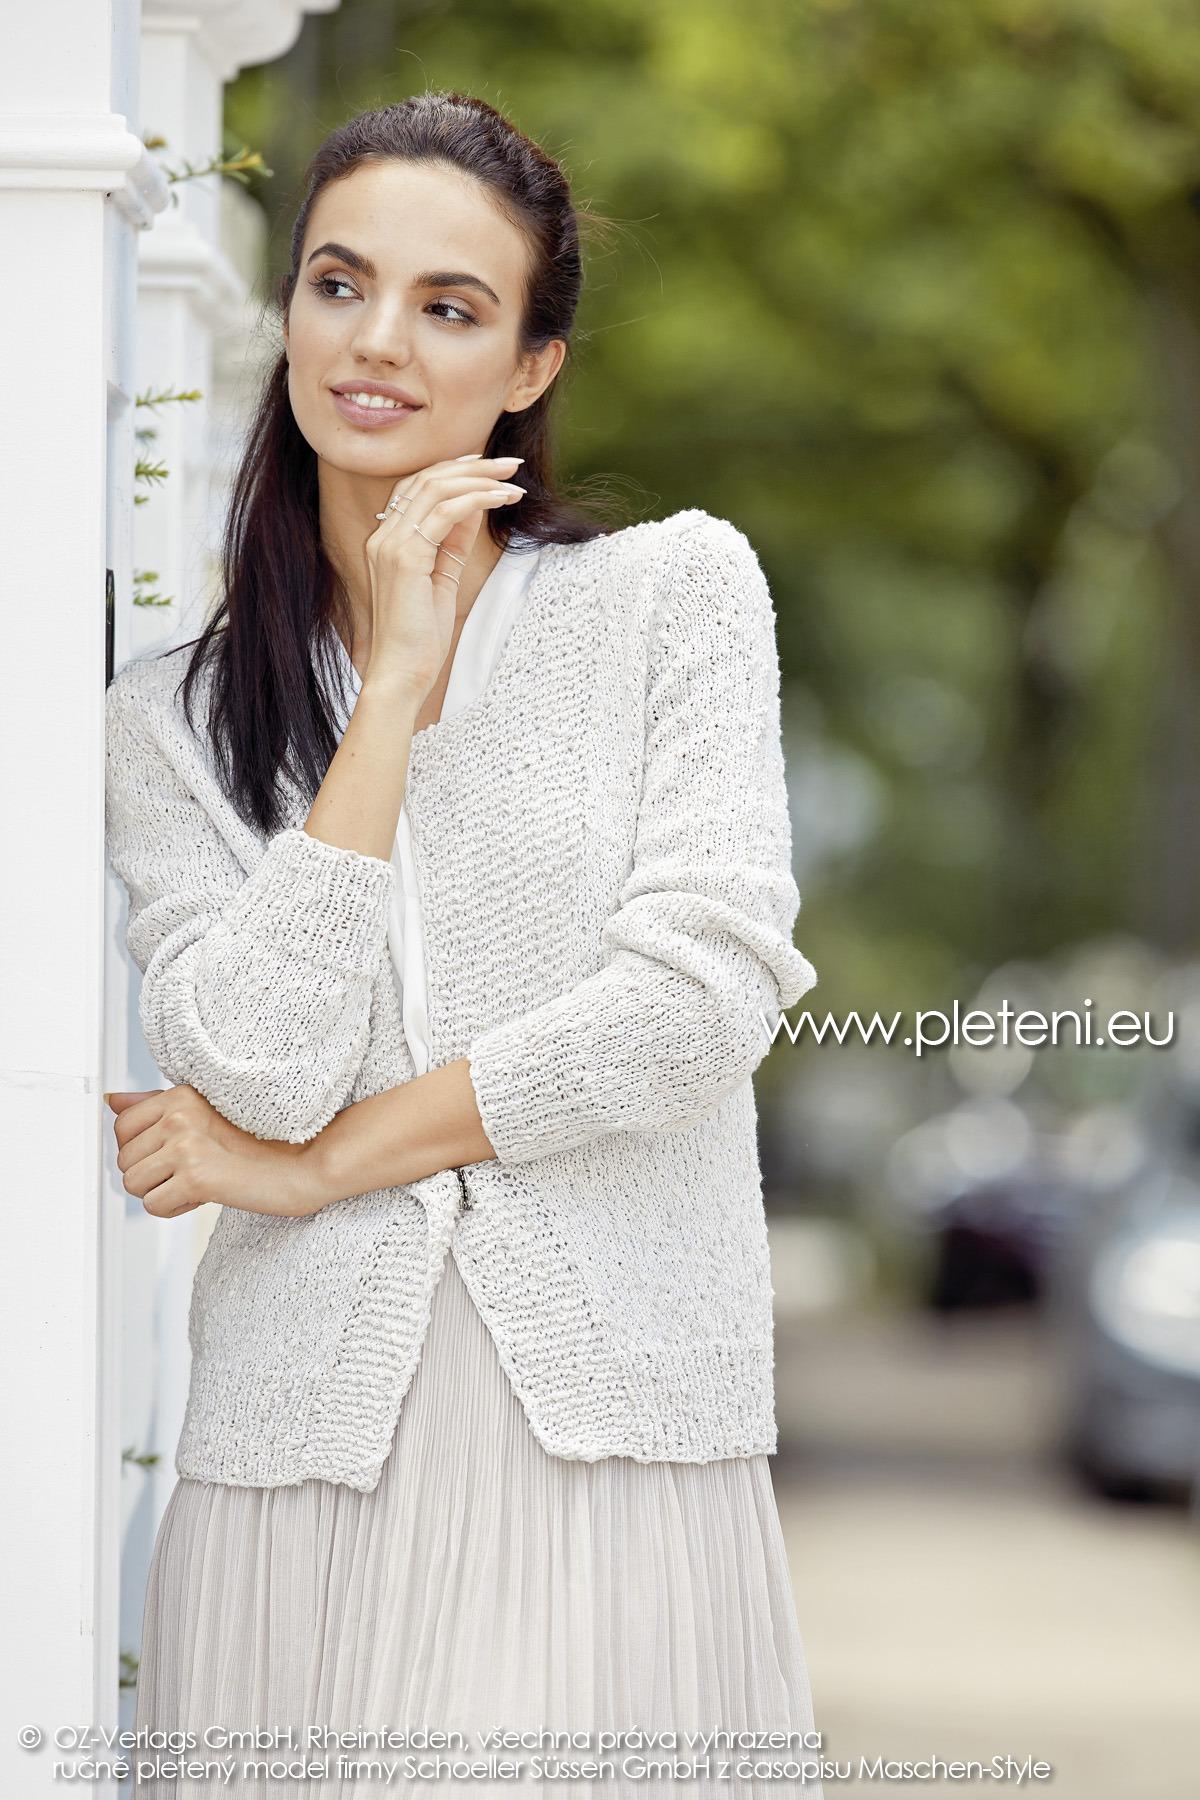 2019-L-20 dámský pletený kabátek z příze Secret Shine firmy Schoeller